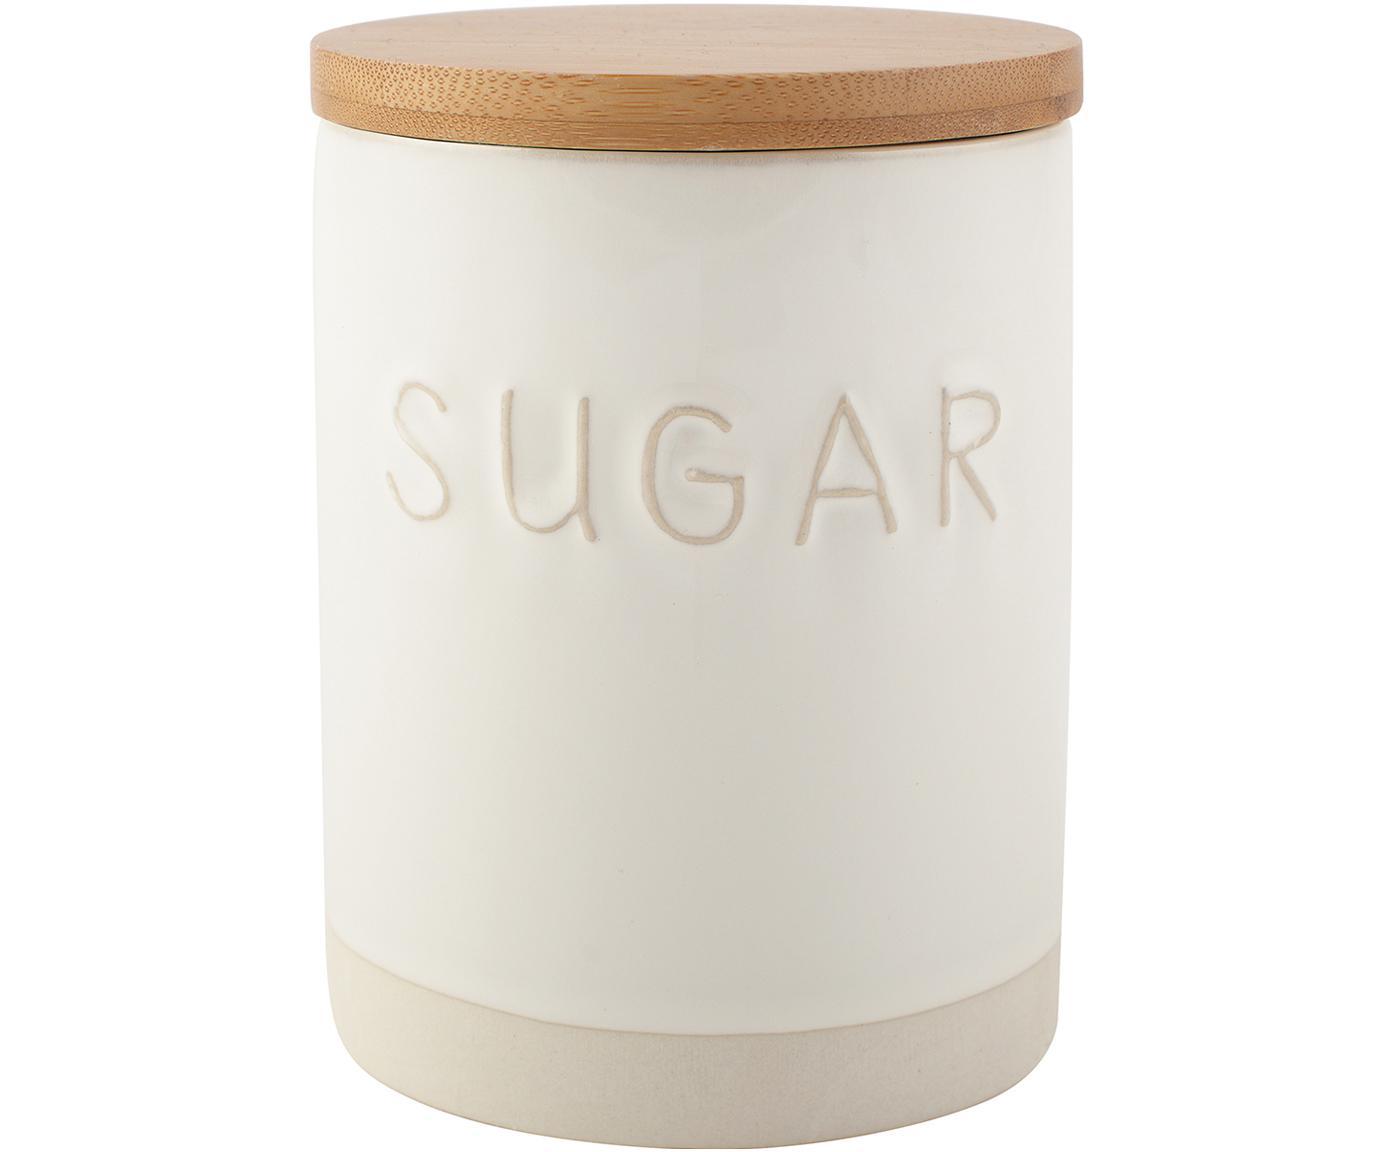 Aufbewahrungsdose Sugar, Dose: Steingut, Deckel: Holz, Weiß, Beige, Ø 10 x H 14 cm